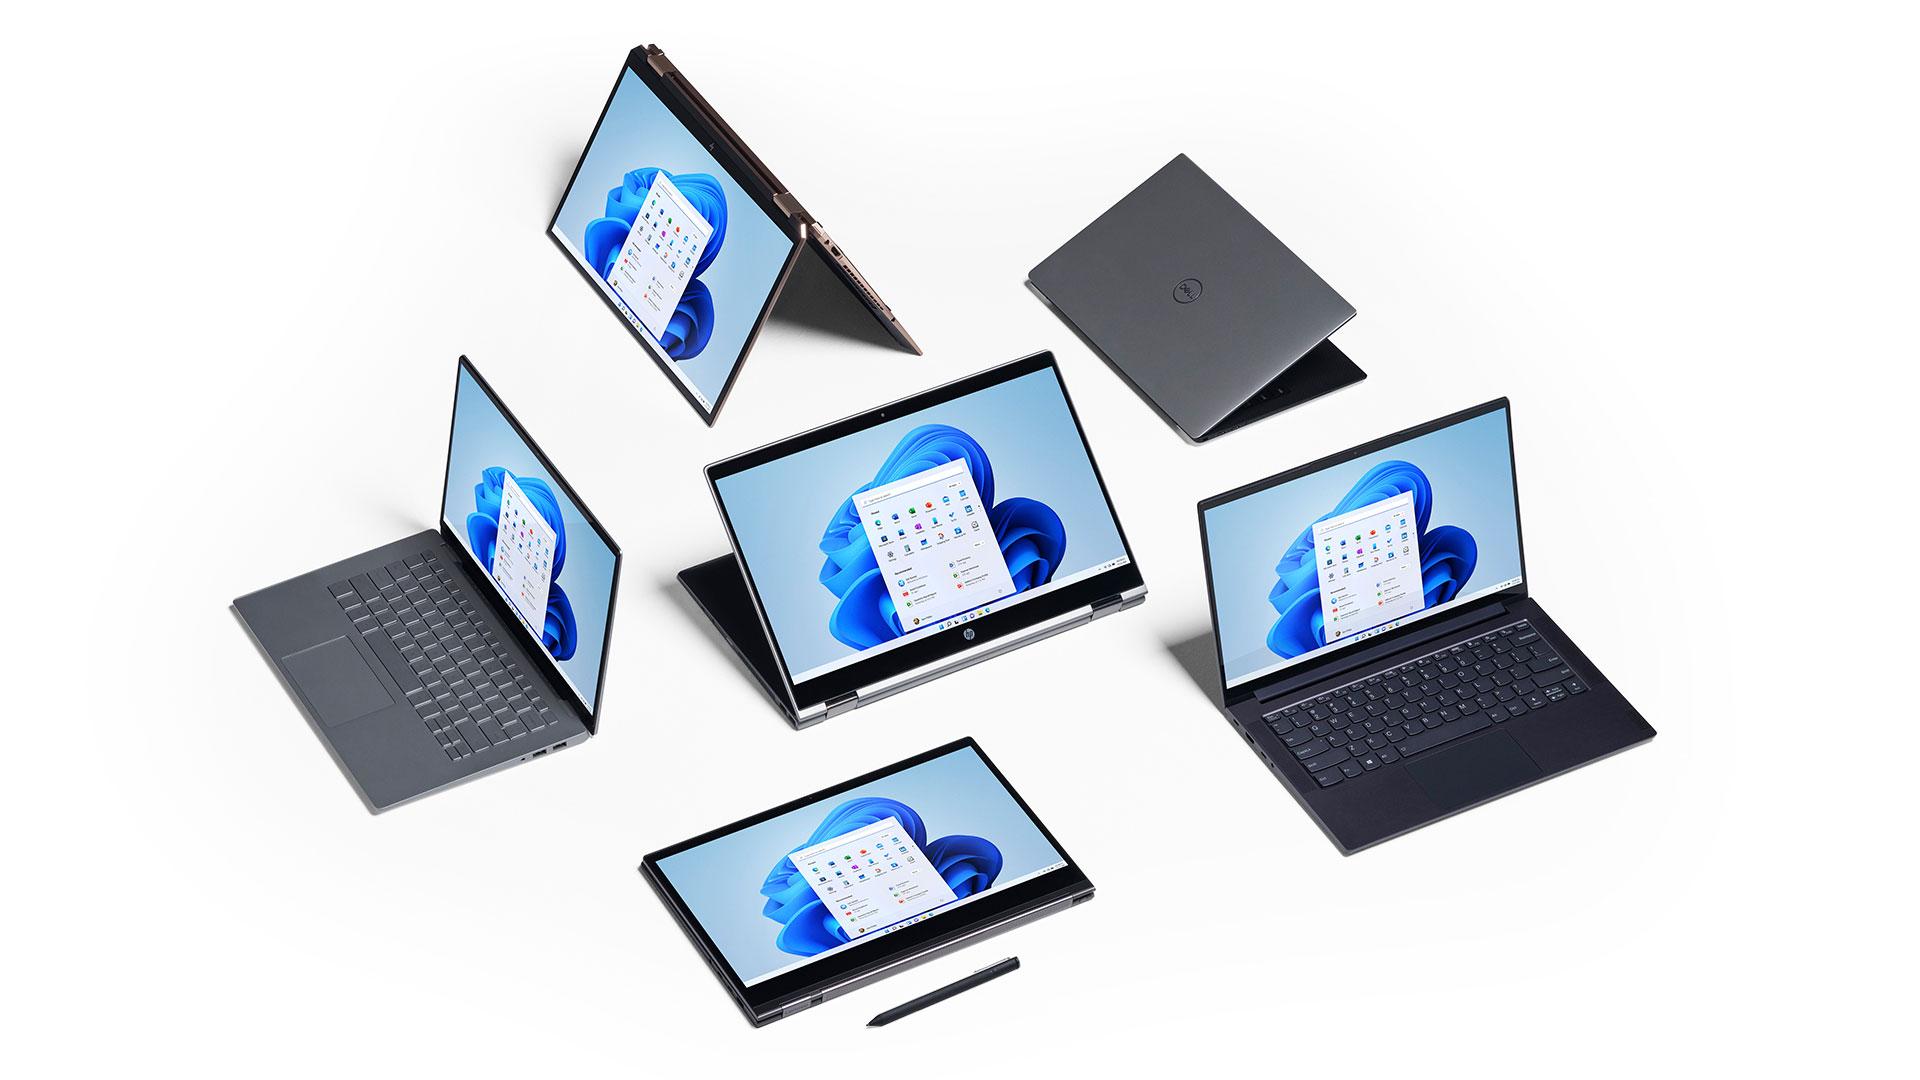 คอมพิวเตอร์ Windows 11 6 เครื่องวางเรียงกัน